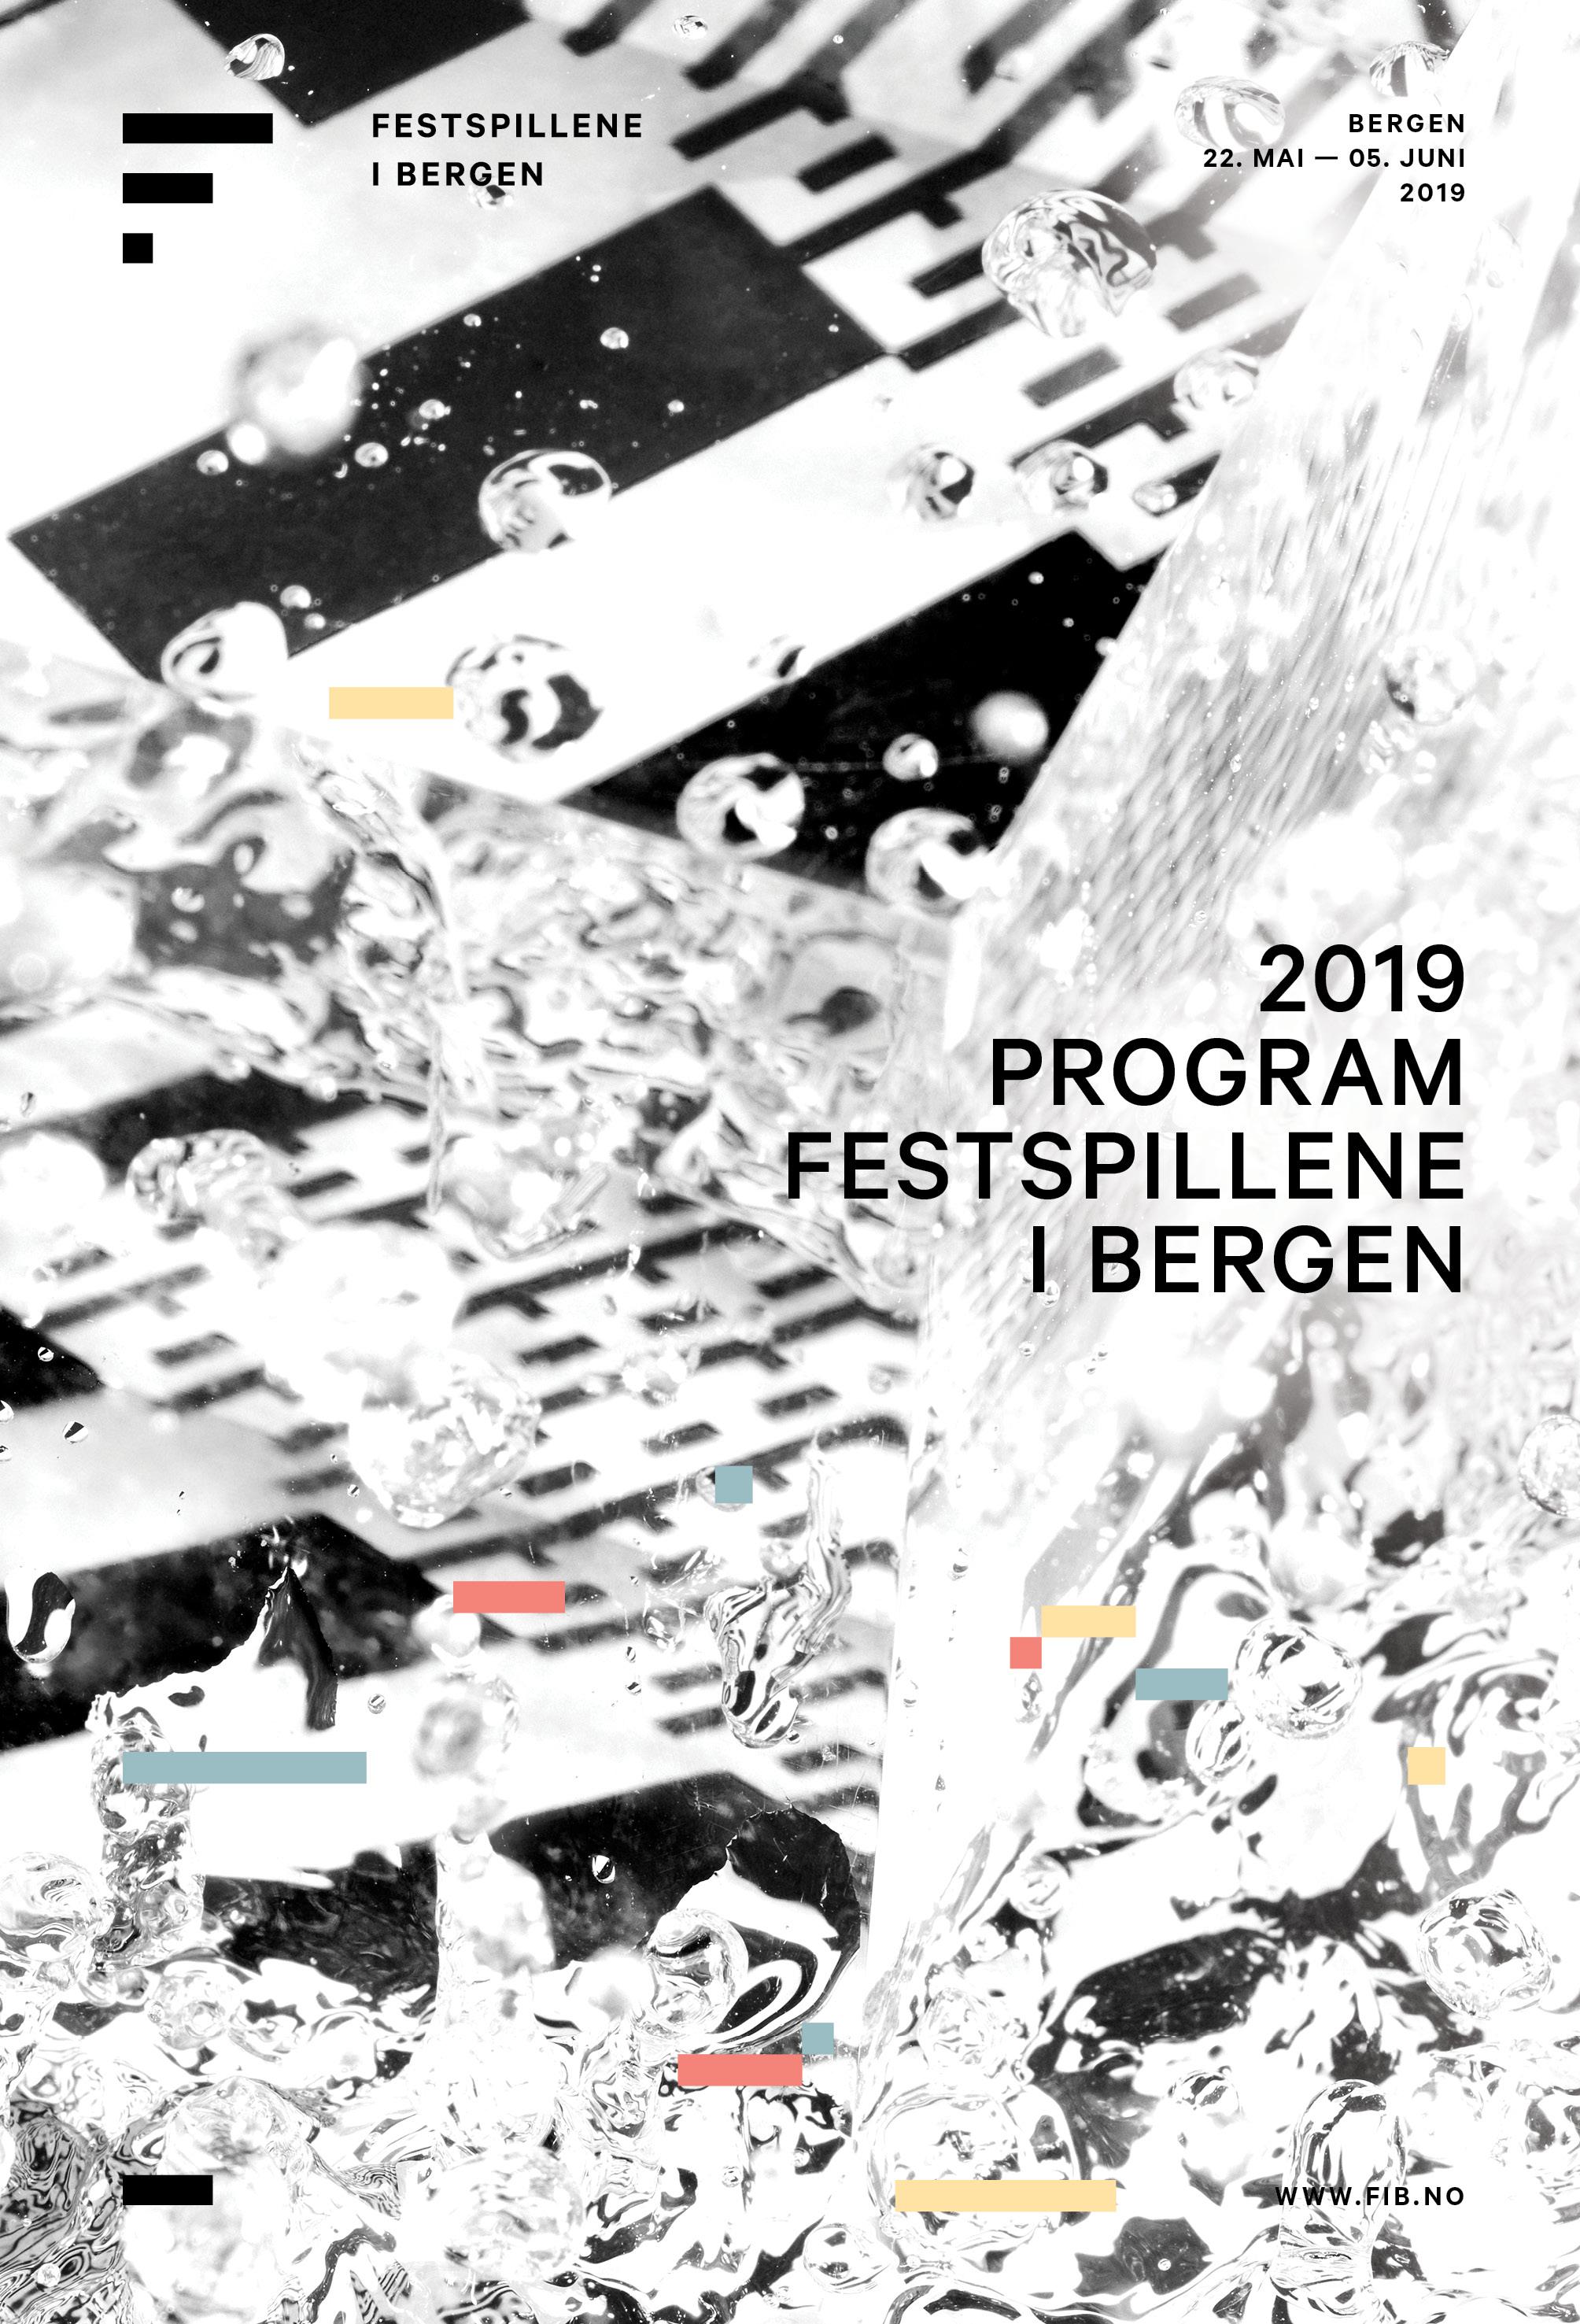 91253af78 2019 PROGRAM FESTSPILLENE I BERGEN